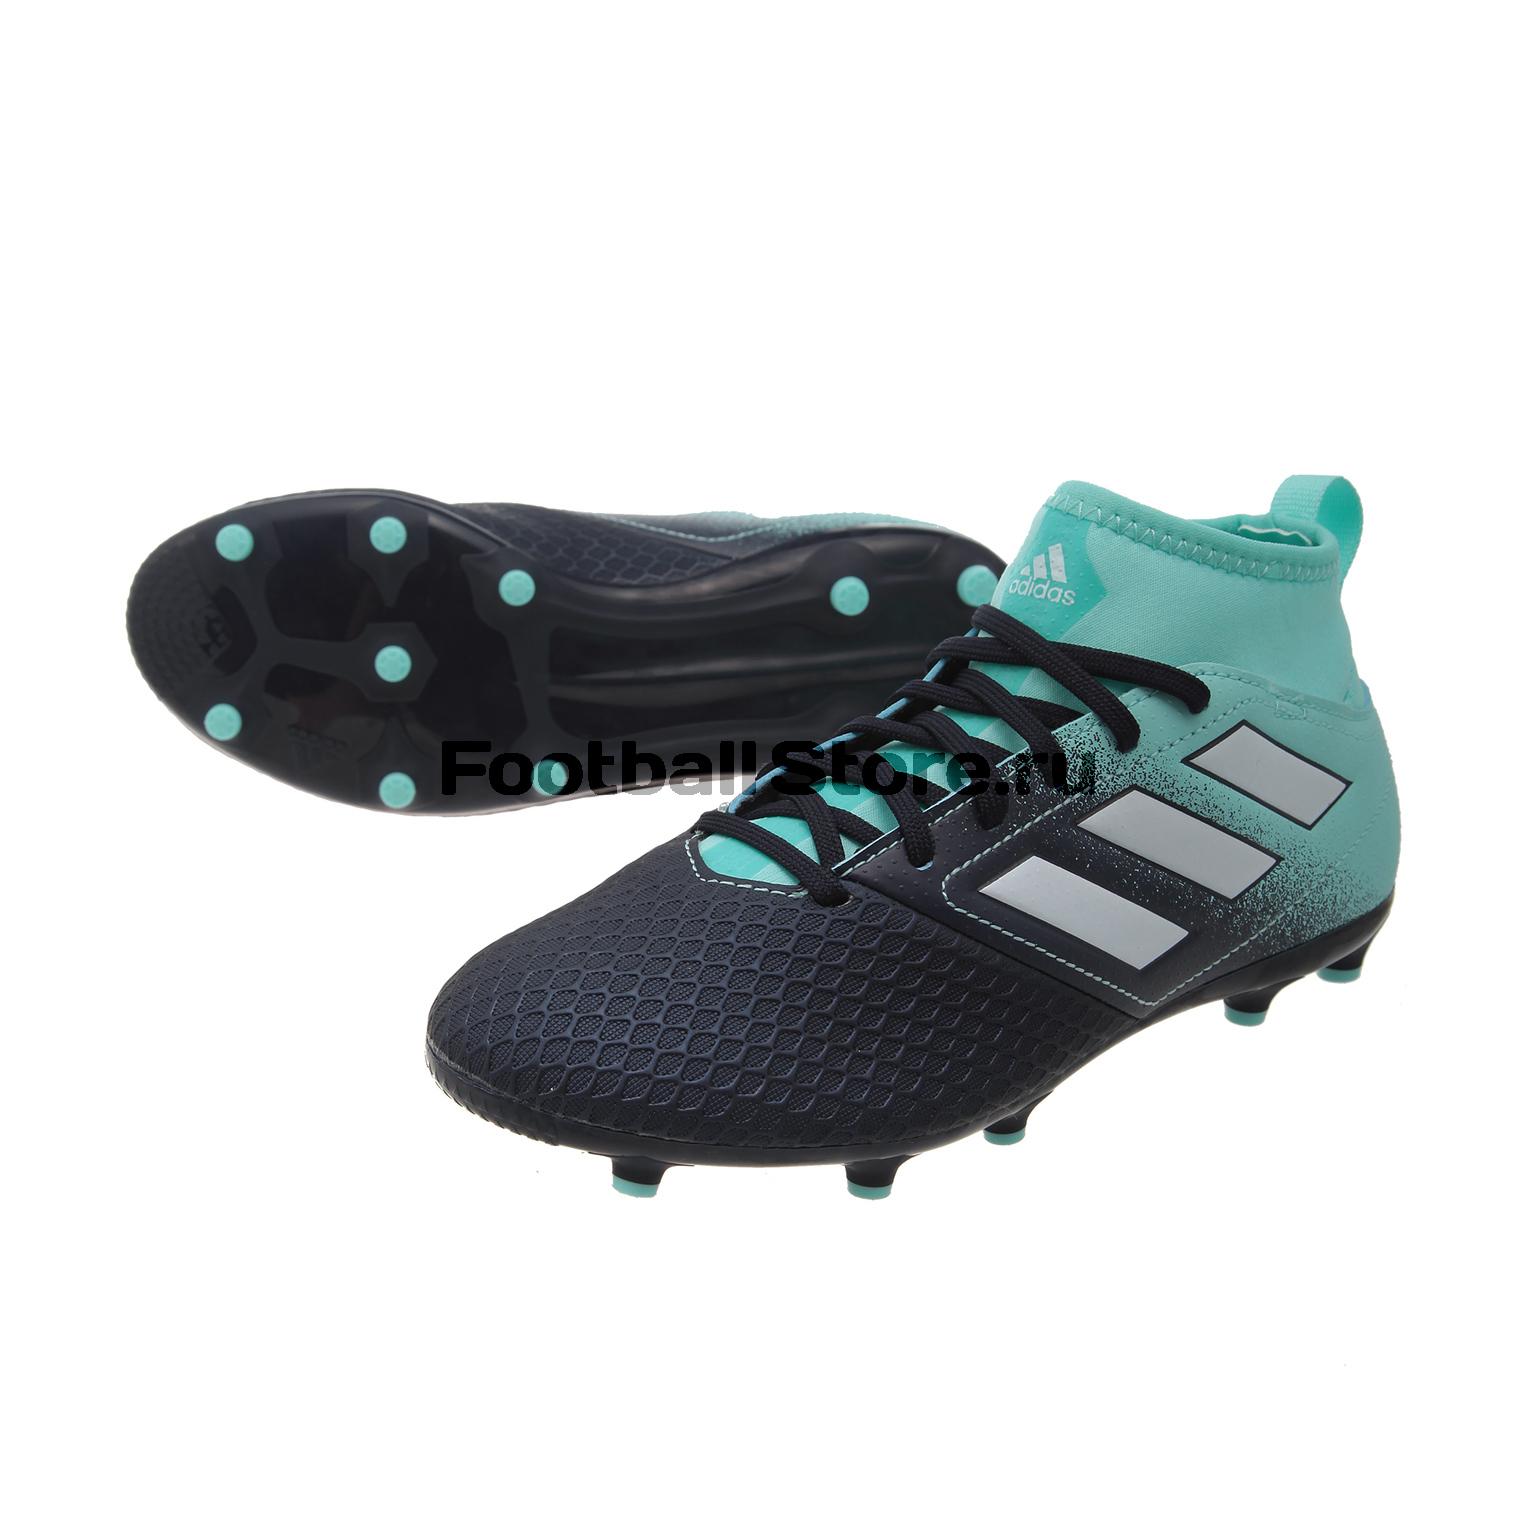 Бутсы Adidas Бутсы Adidas Ace 17.3 FG JR S77068